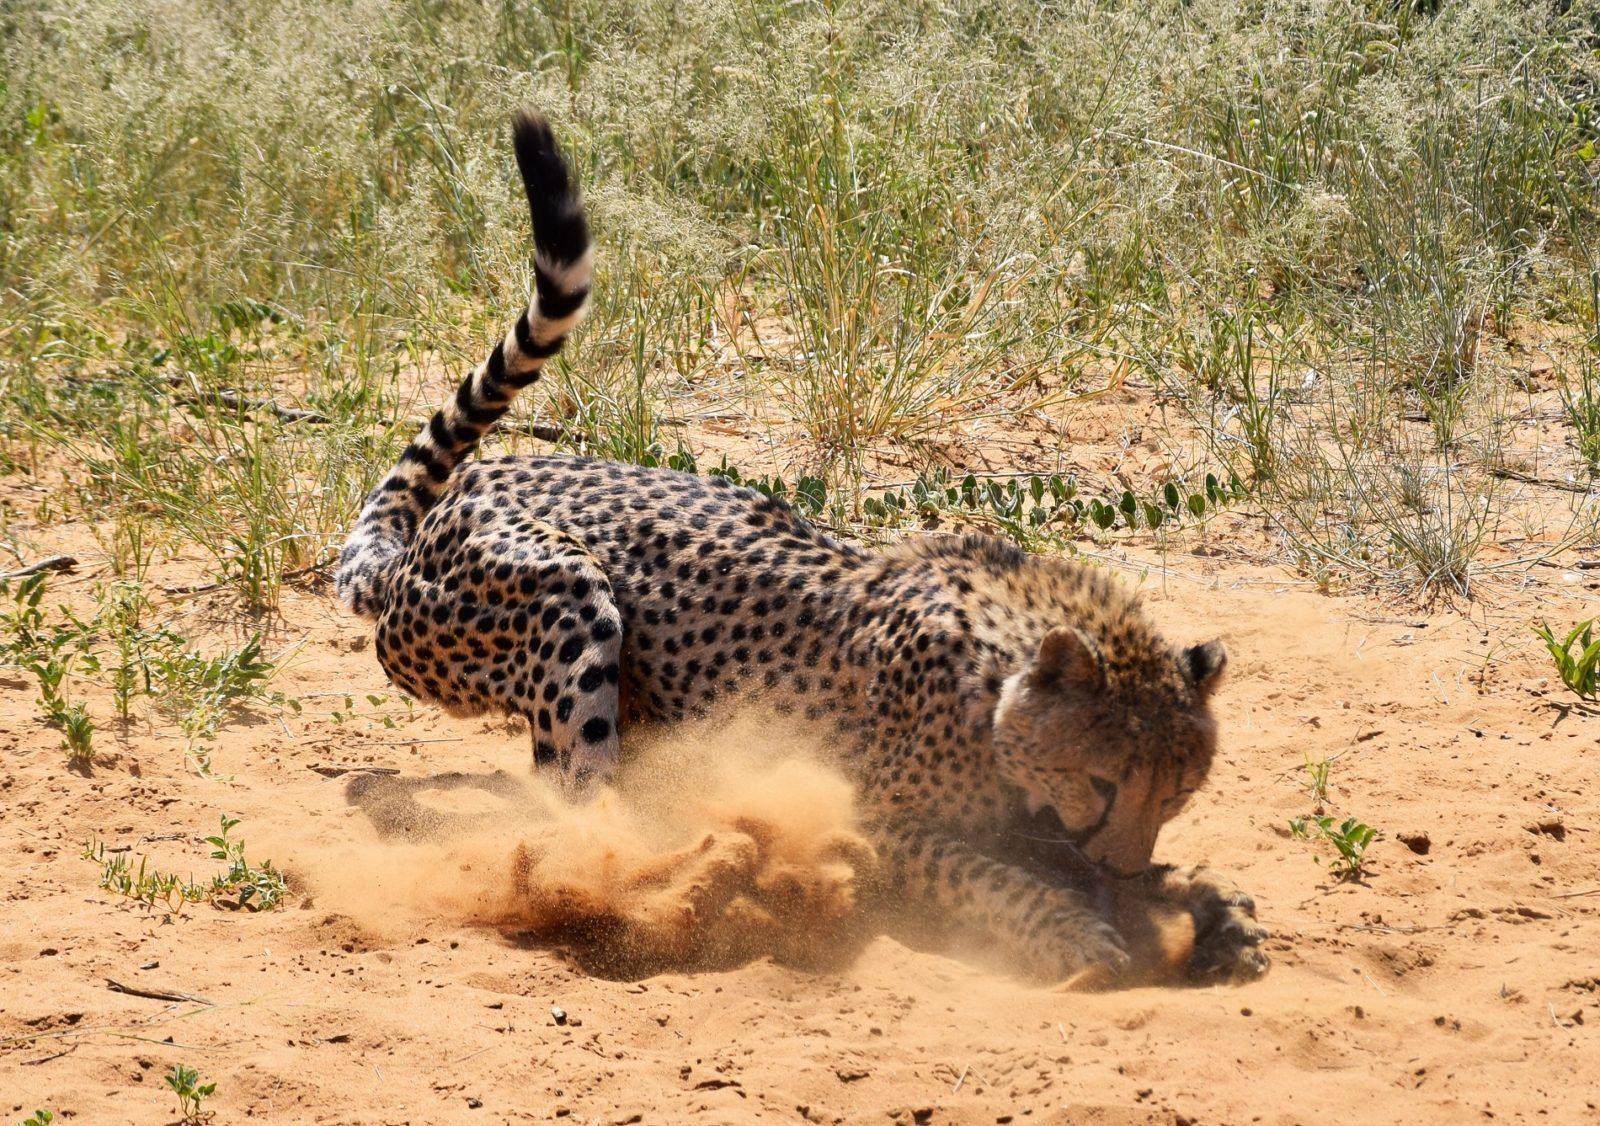 Cheetah, africa | When African Animals Attack